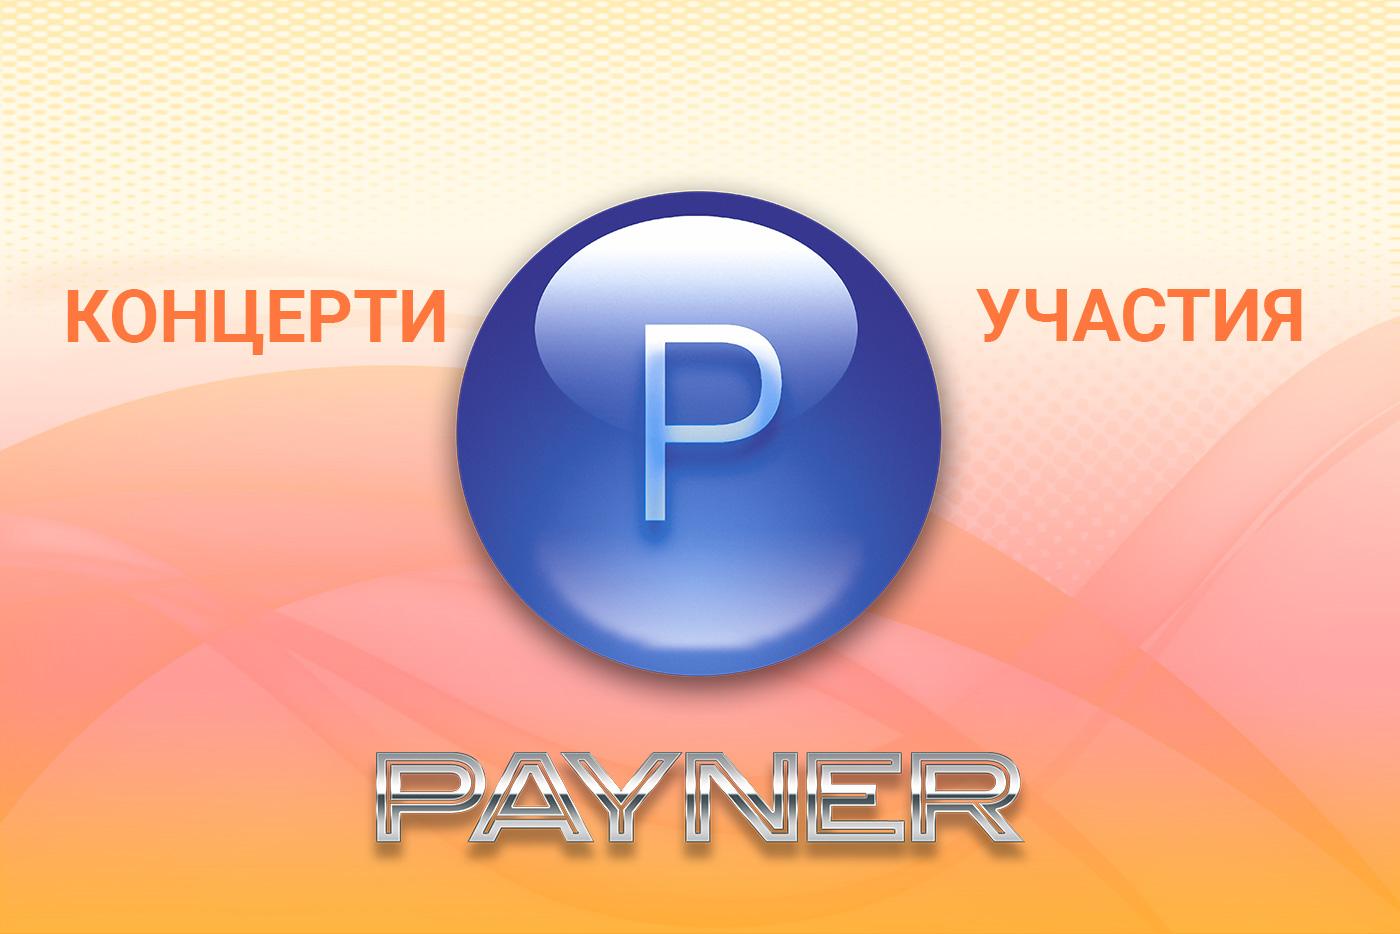 """Участия на звездите на """"Пайнер"""" на 13.12.2019"""